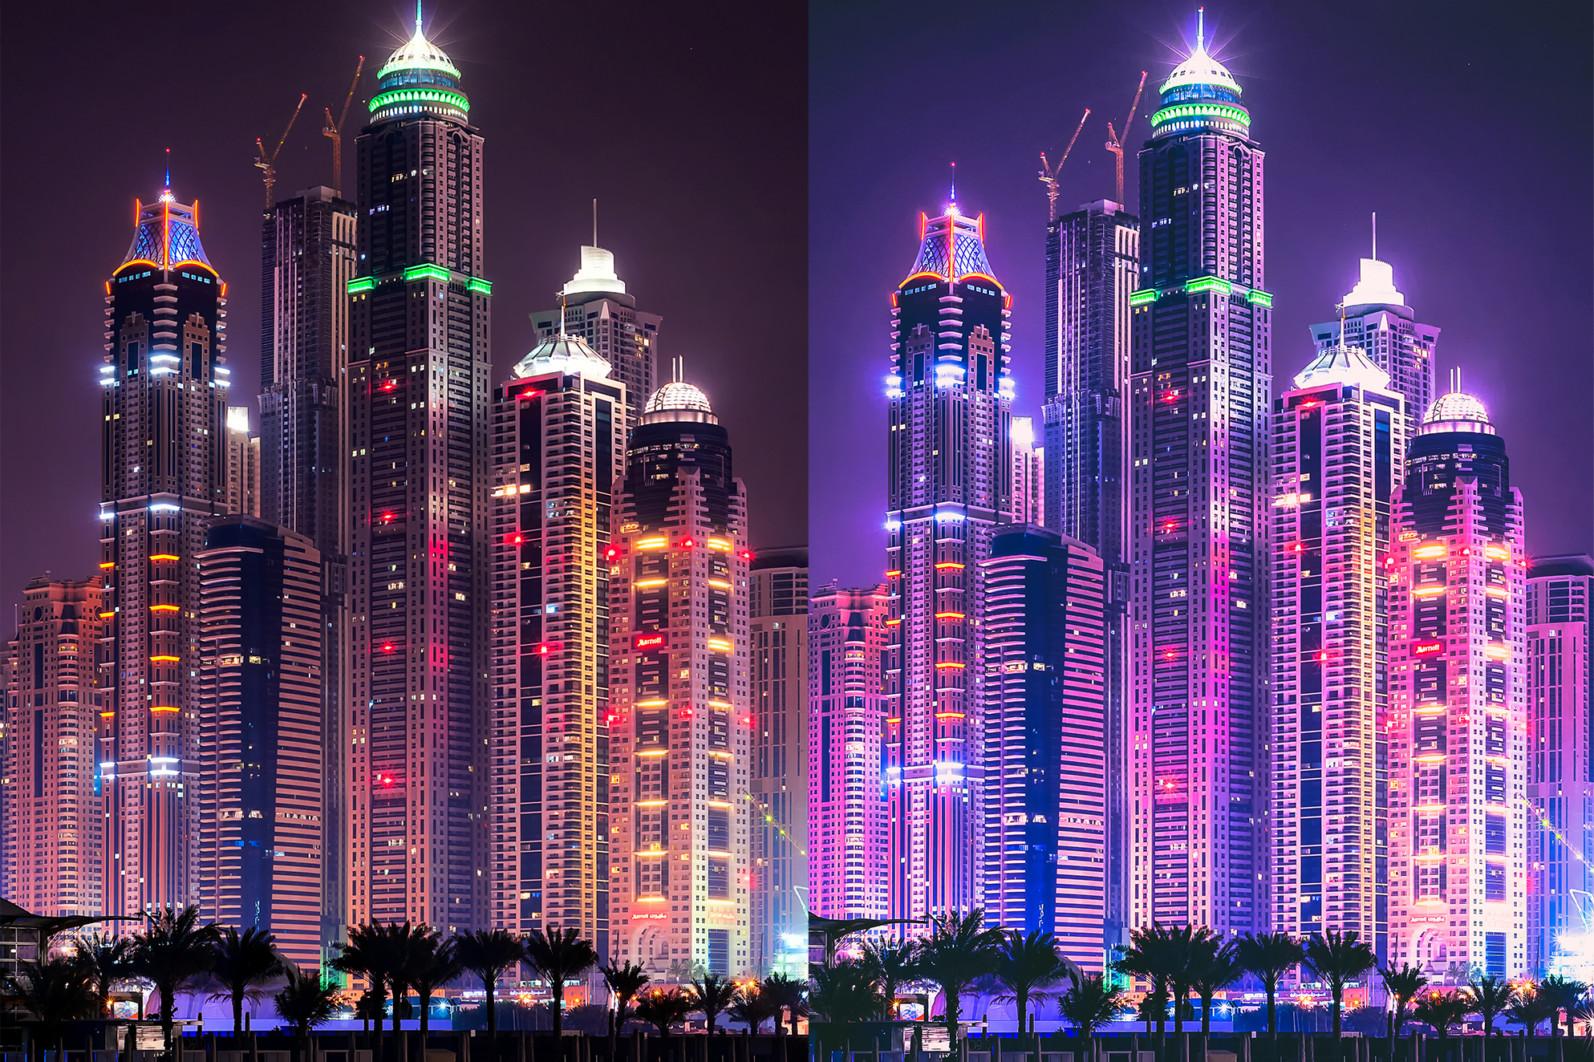 BUNDLE /// 281 x Lightroom Presets for Desktop // 24 Packs // Desktop and Mobile - 4 Neon City 1 -